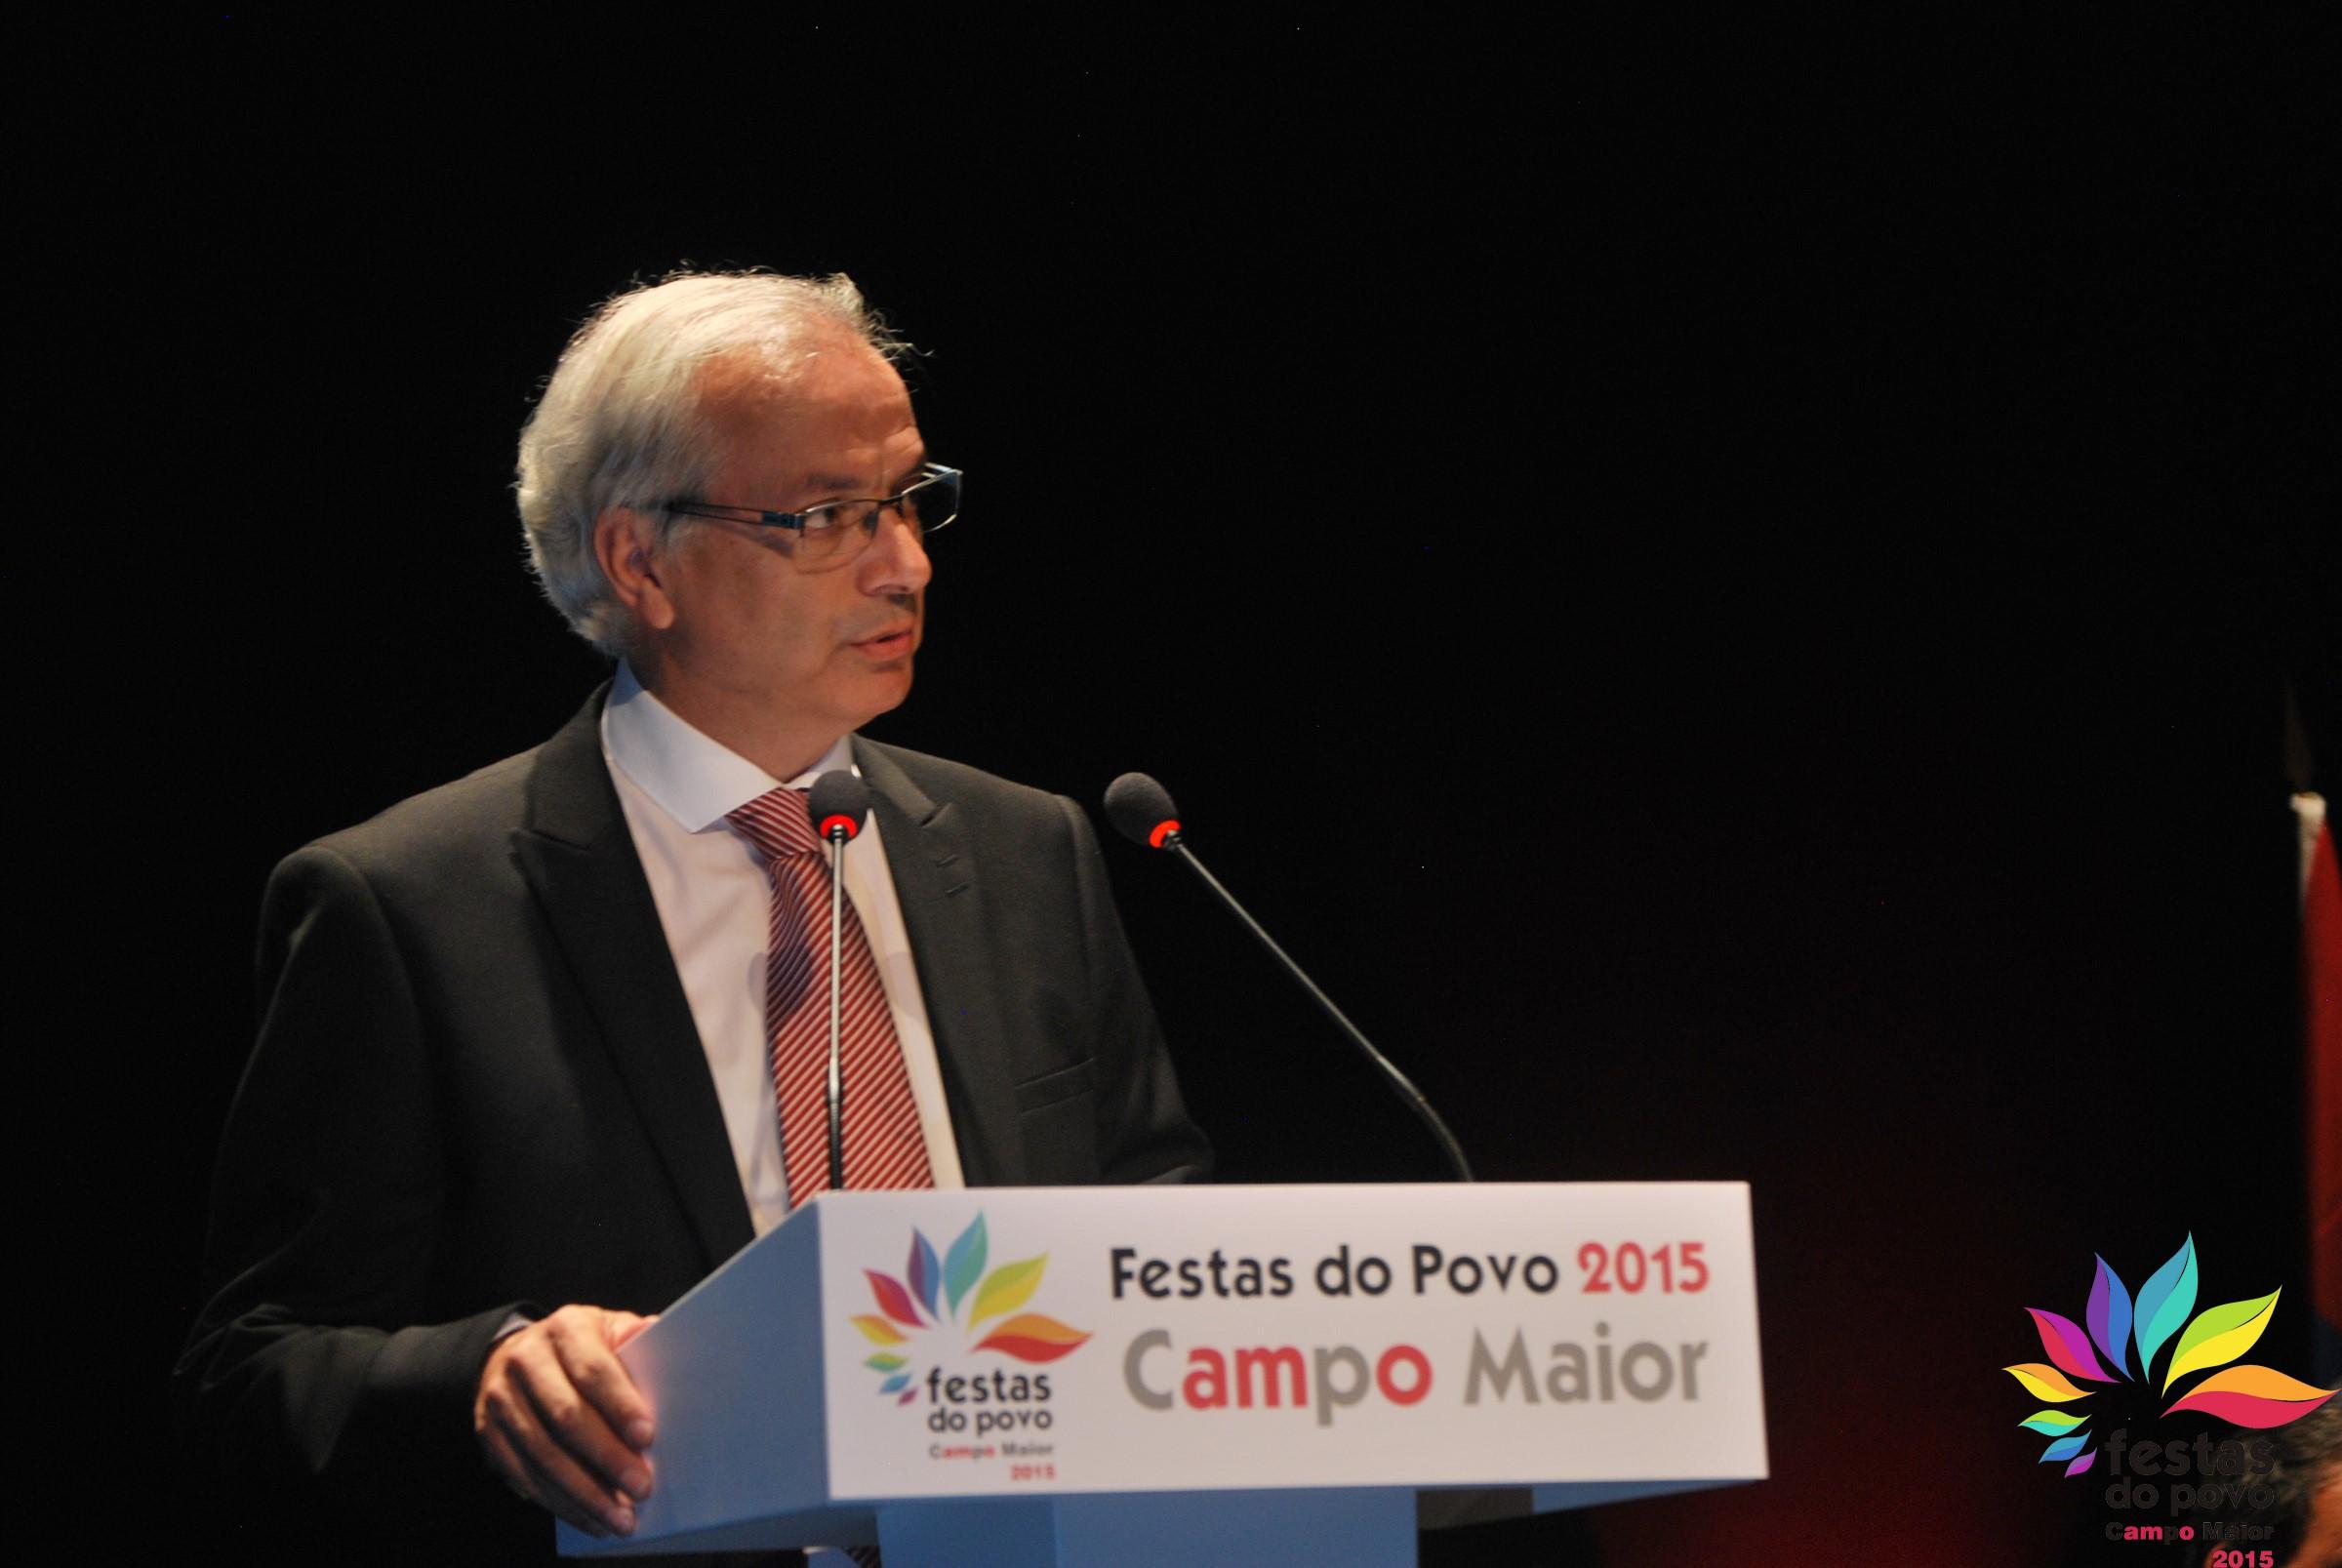 João rosinha, Presidente da Associação das Festas do Povo de Campo Maior